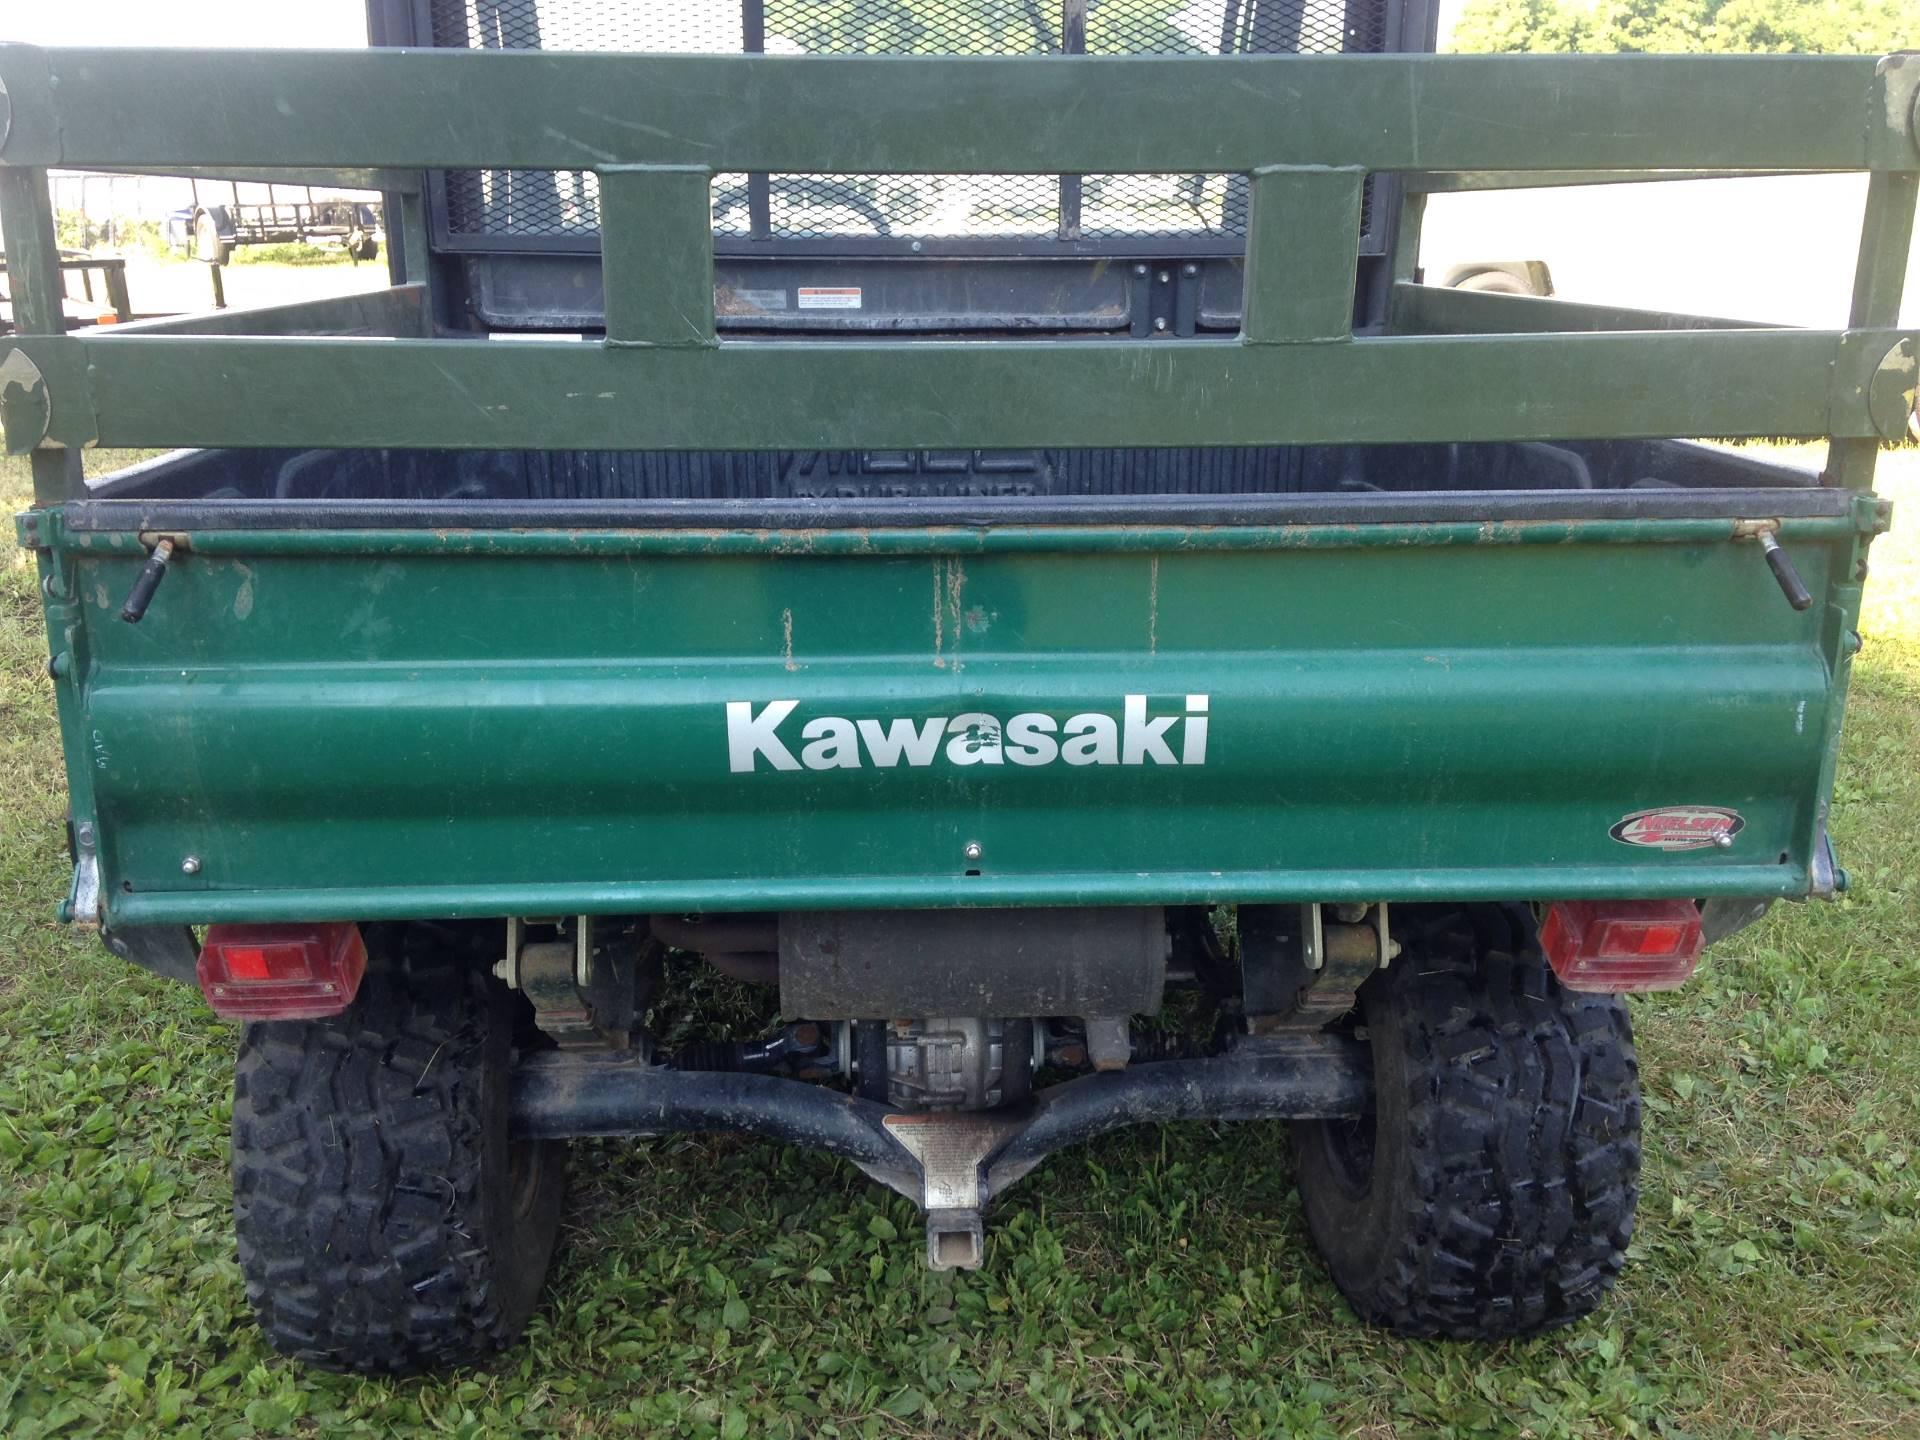 2009 Kawasaki Mule 4010 4x4 8